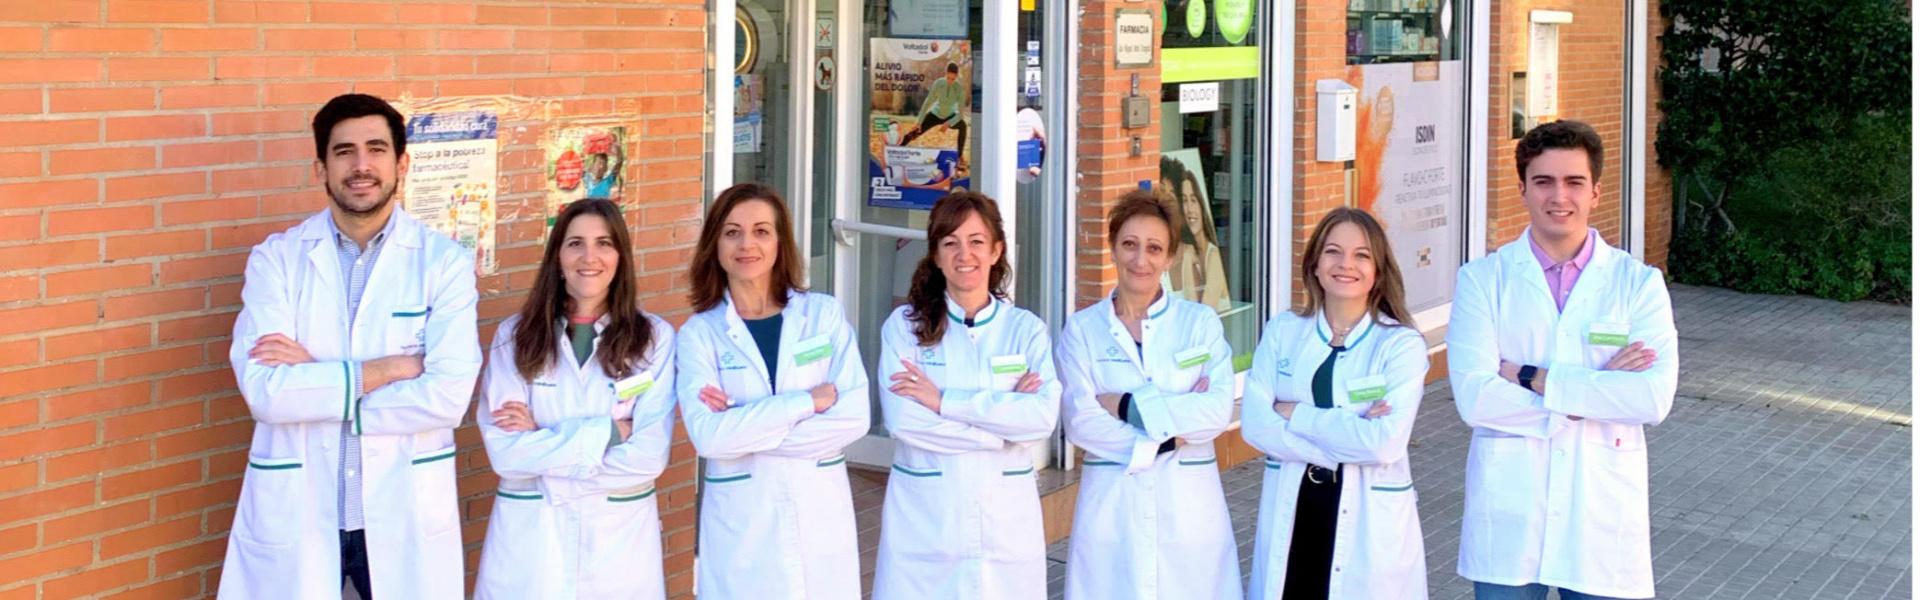 """<p style=""""text-align: center;"""">¡ Bienvenidos a Farmacia Miralbueno !</p>"""